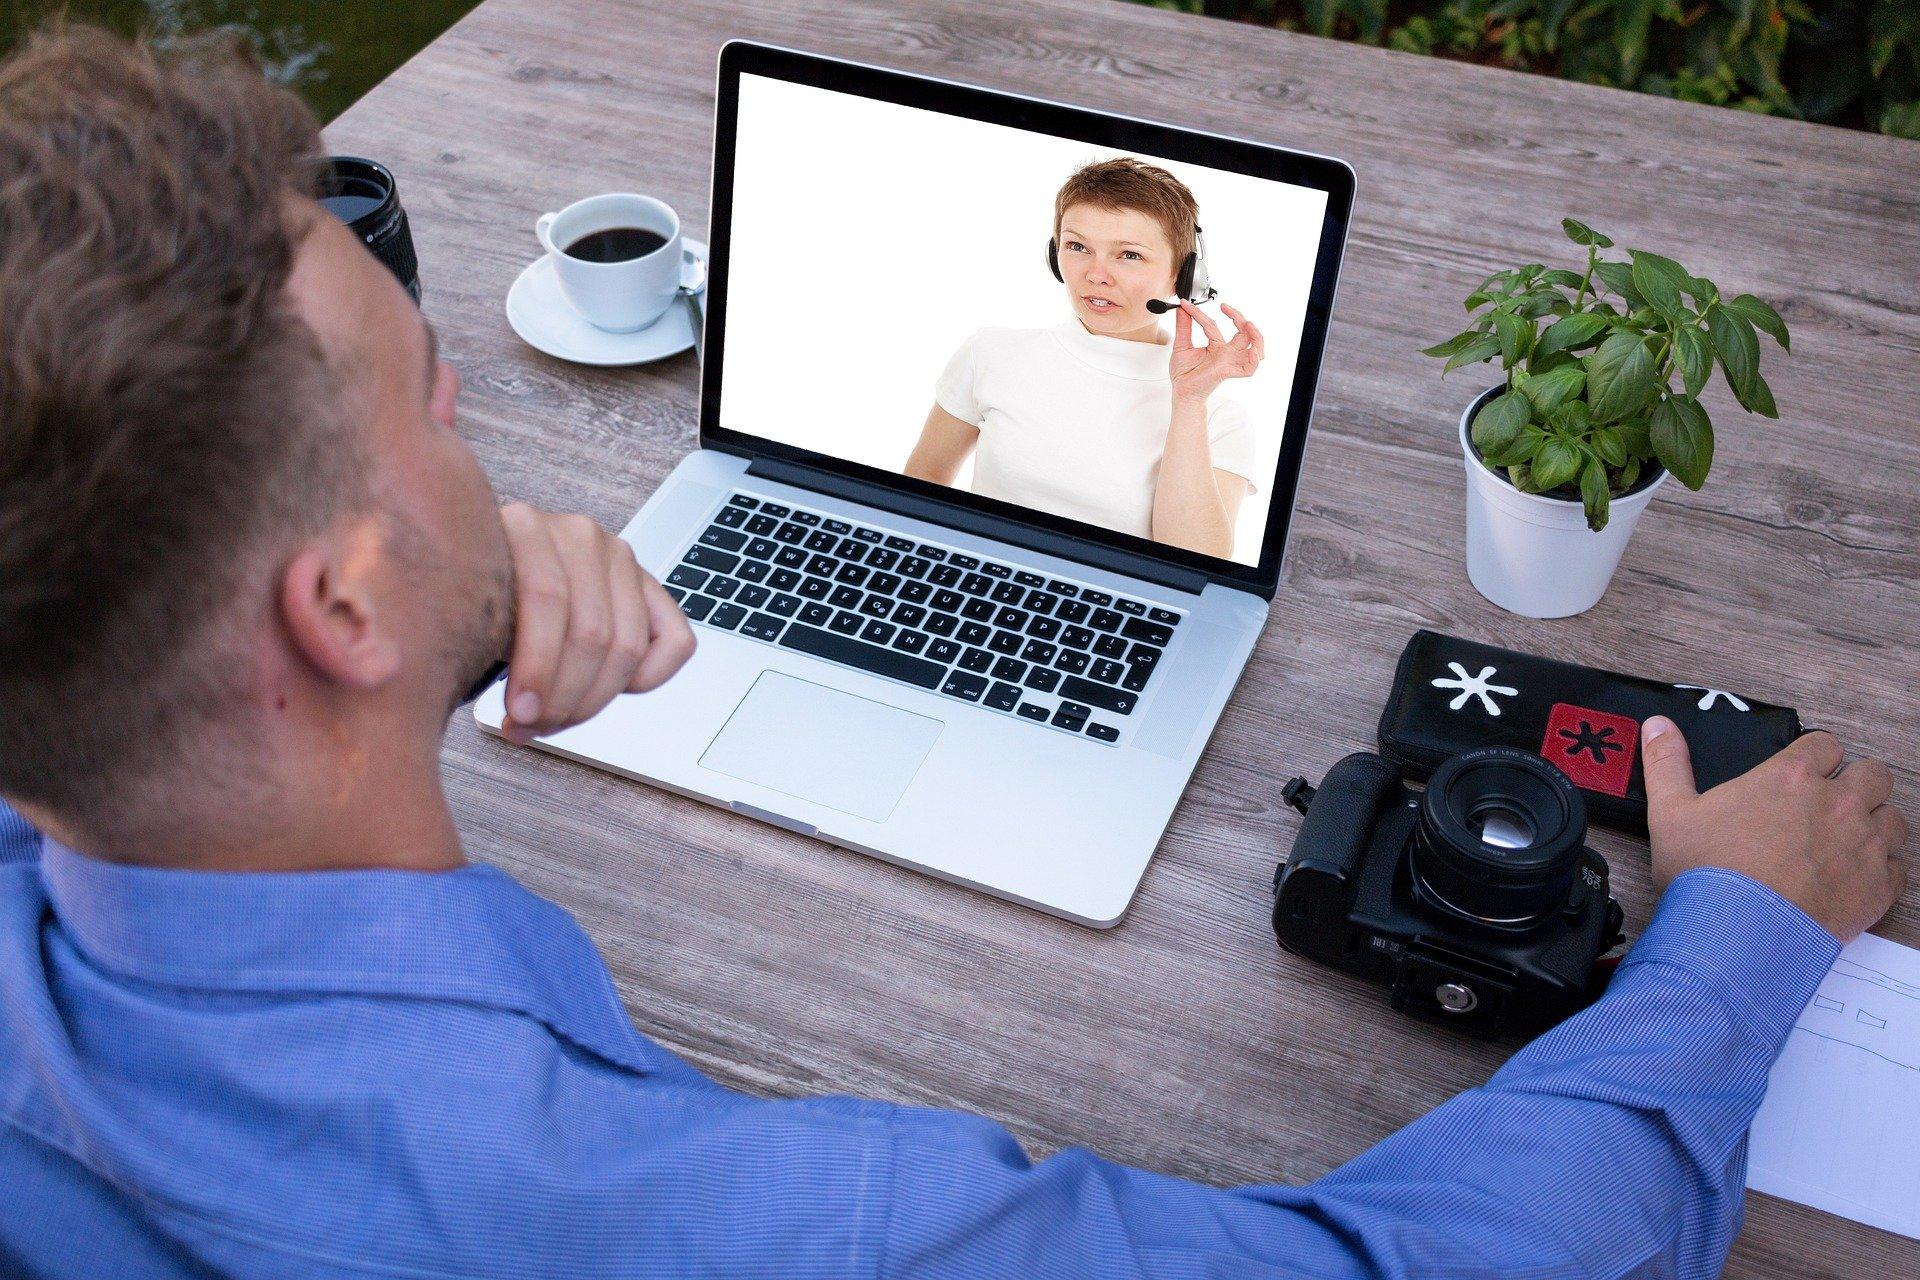 Clases de inglés presenciales o virtuales, ¿cuál es la mejor opción?